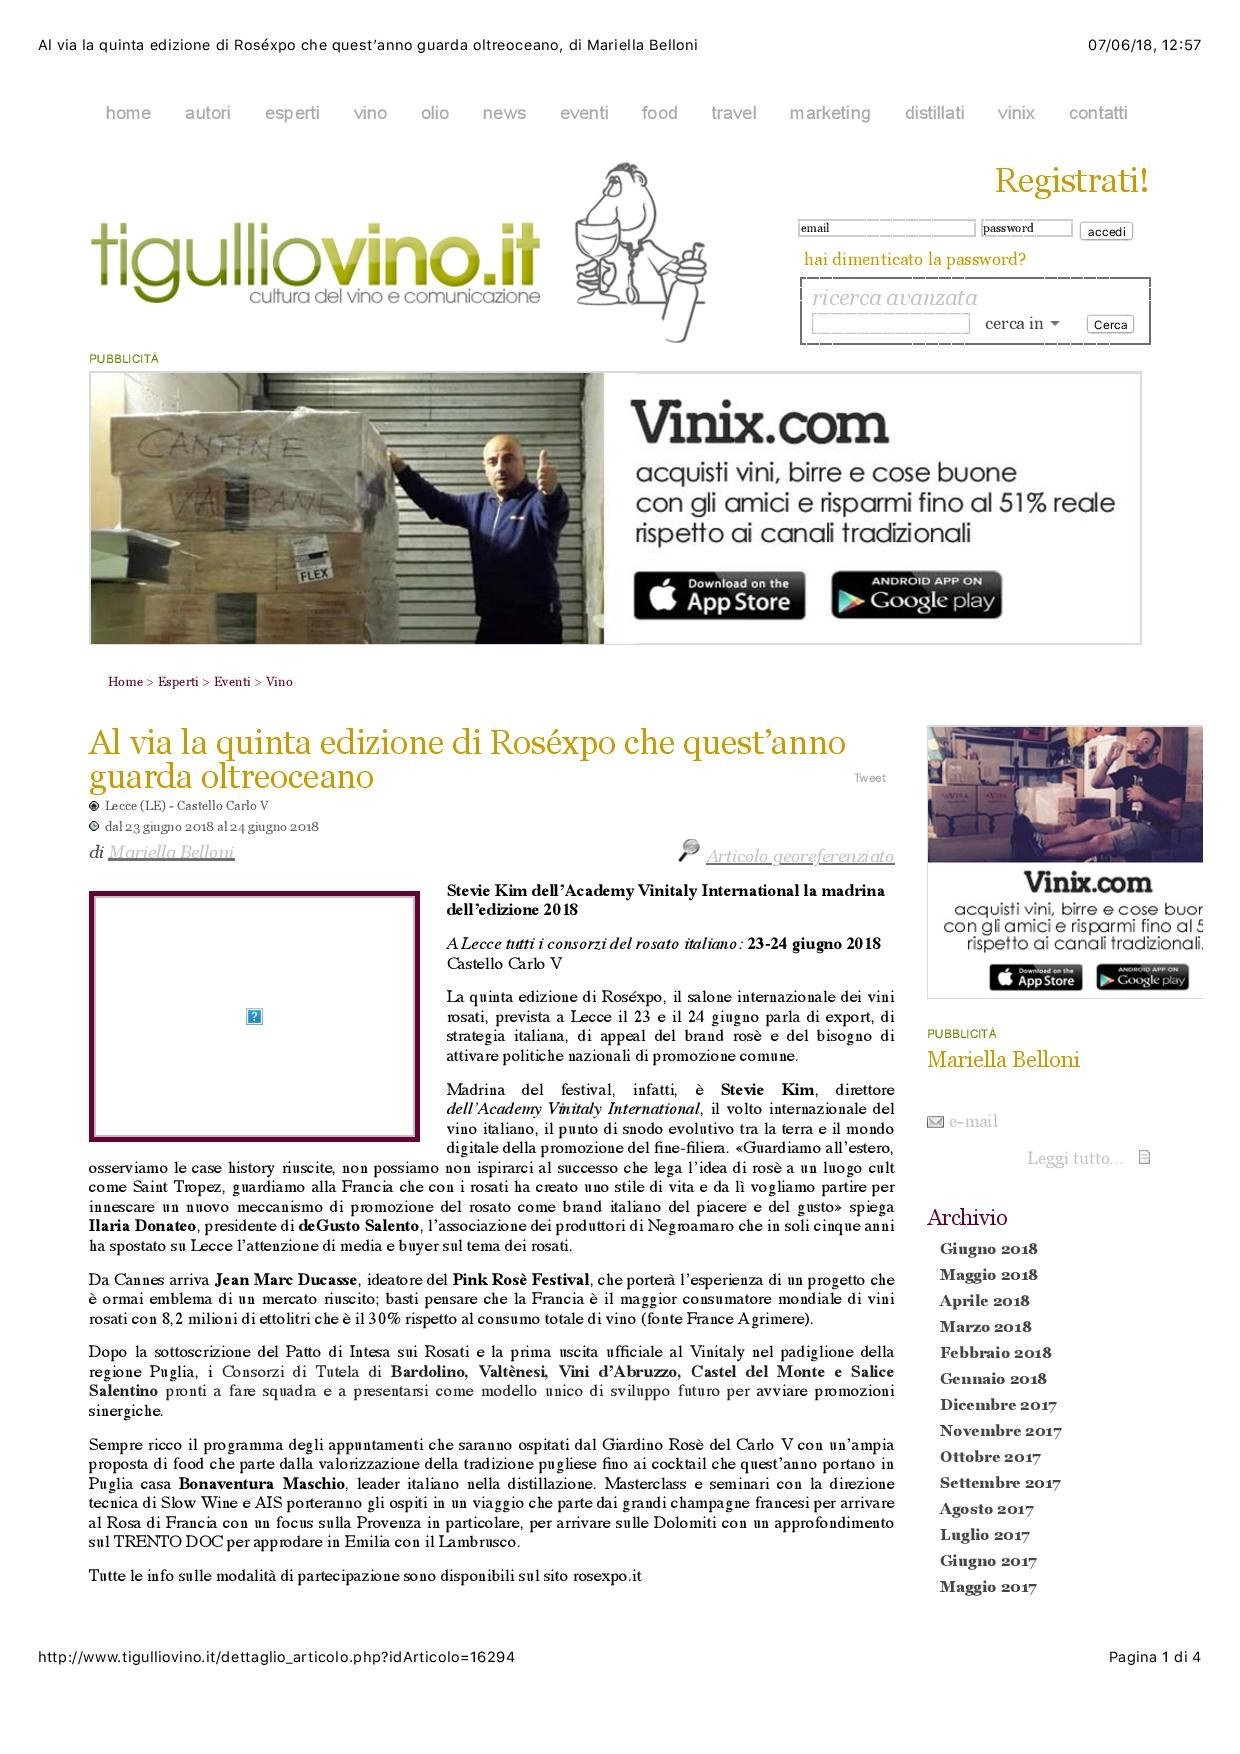 Calendario Annuale 2019 Con Festività Más Arriba-a-fecha Rassegna Stampa Of Calendario Annuale 2019 Con Festività Recientes Calaméo Citt Nostra Udine Del 21 06 2011 N 1283